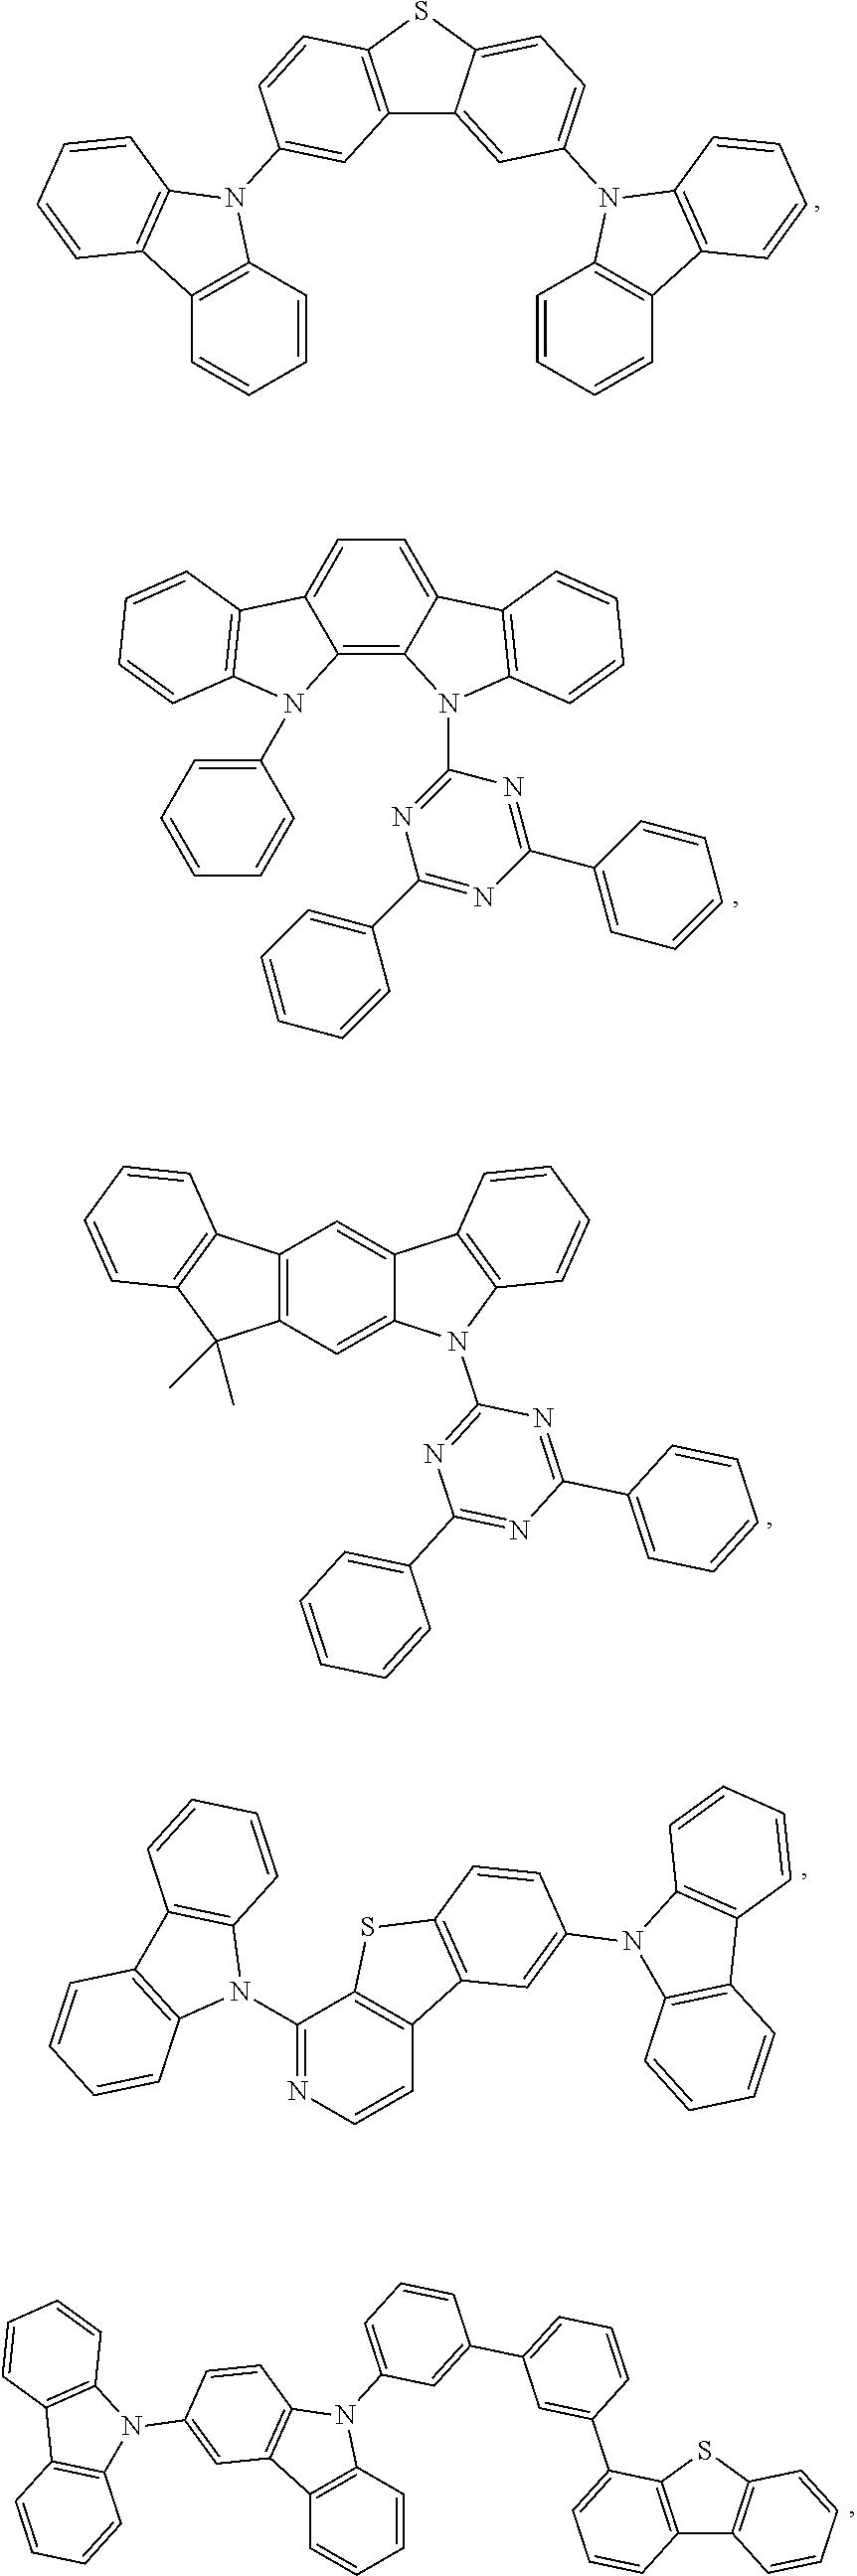 Figure US20190161504A1-20190530-C00121